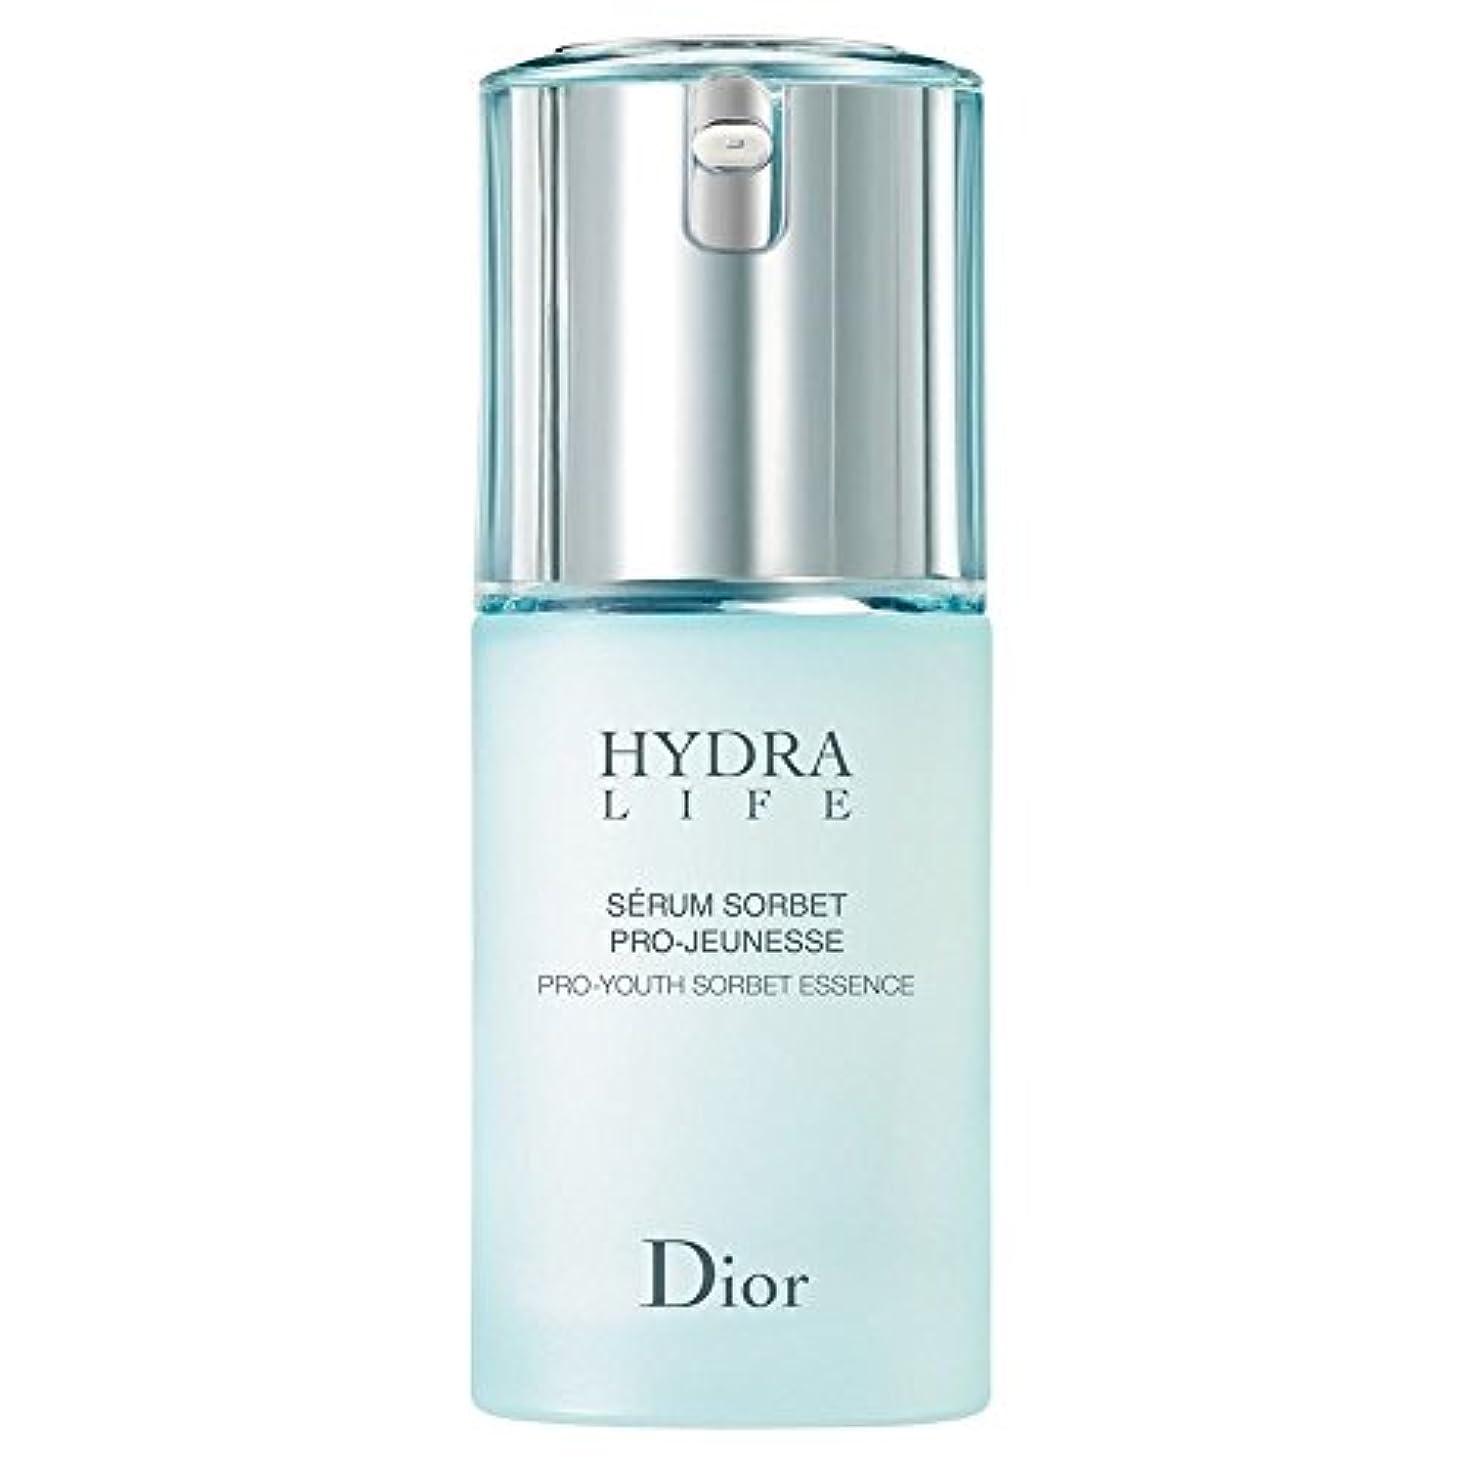 挨拶する価値噴水[Dior] ディオールヒドラライフプロ若者シャーベットセラム30Ml - Dior Hydra Life Pro-Youth Sorbet Serum 30ml [並行輸入品]